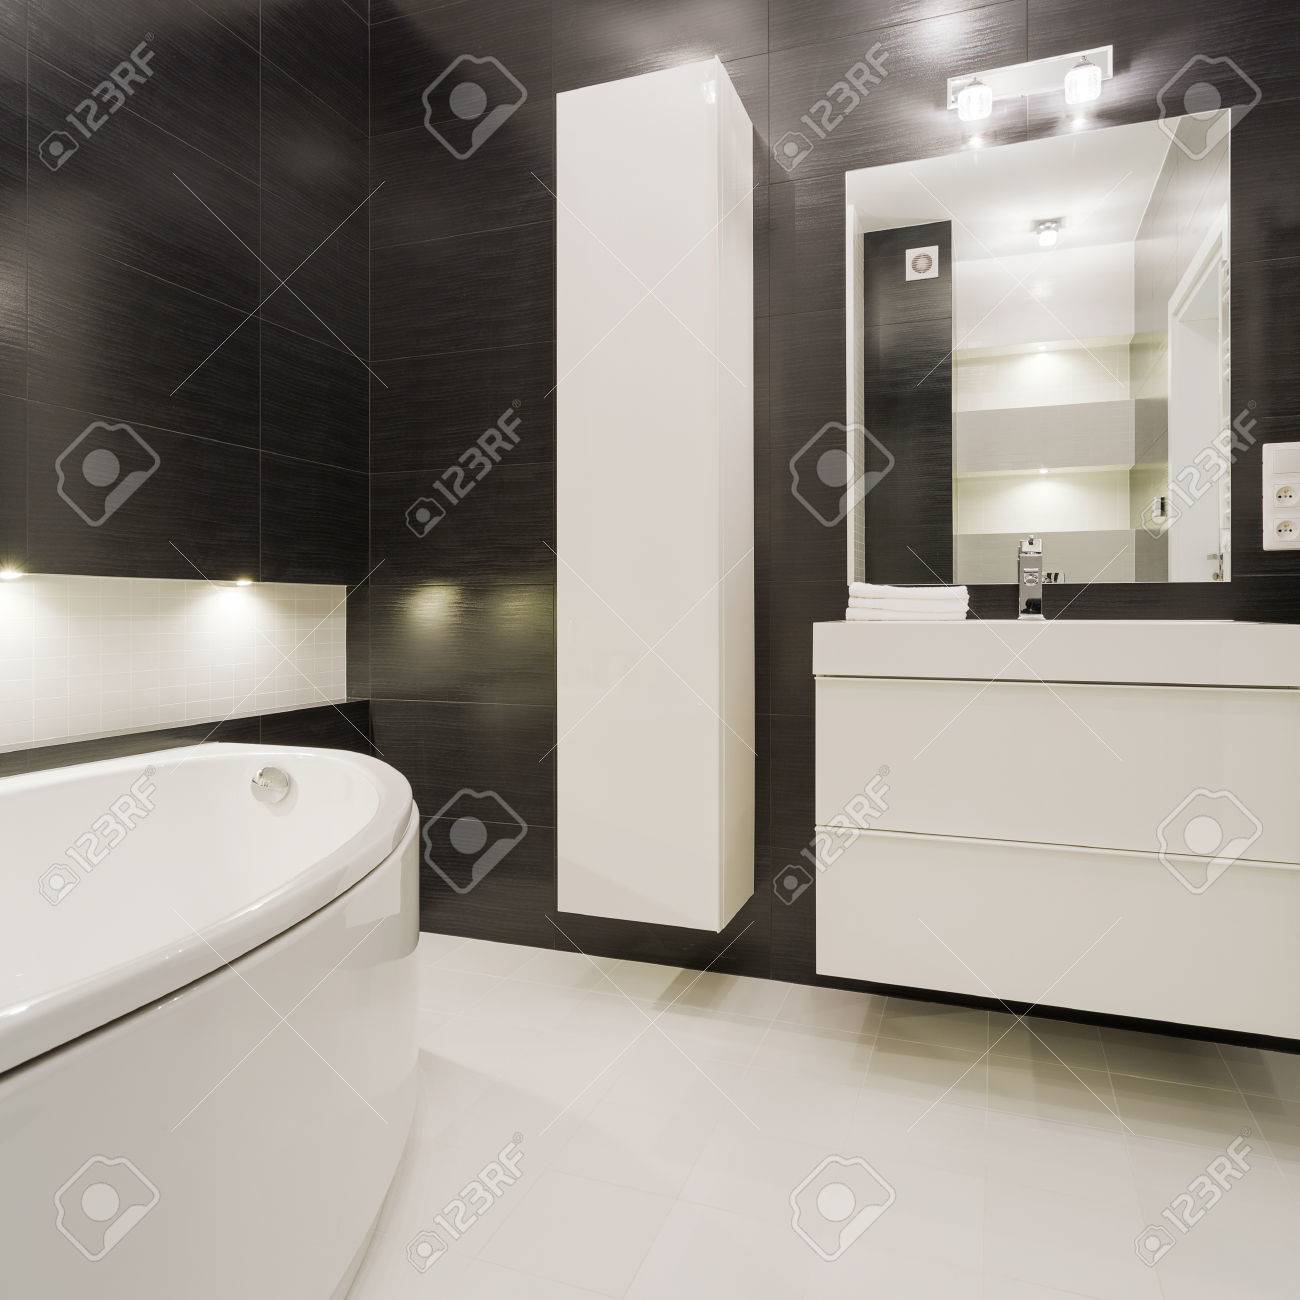 Cuarto De Baño Blanco Y Negro En El Diseño Moderno Fotos, Retratos ...